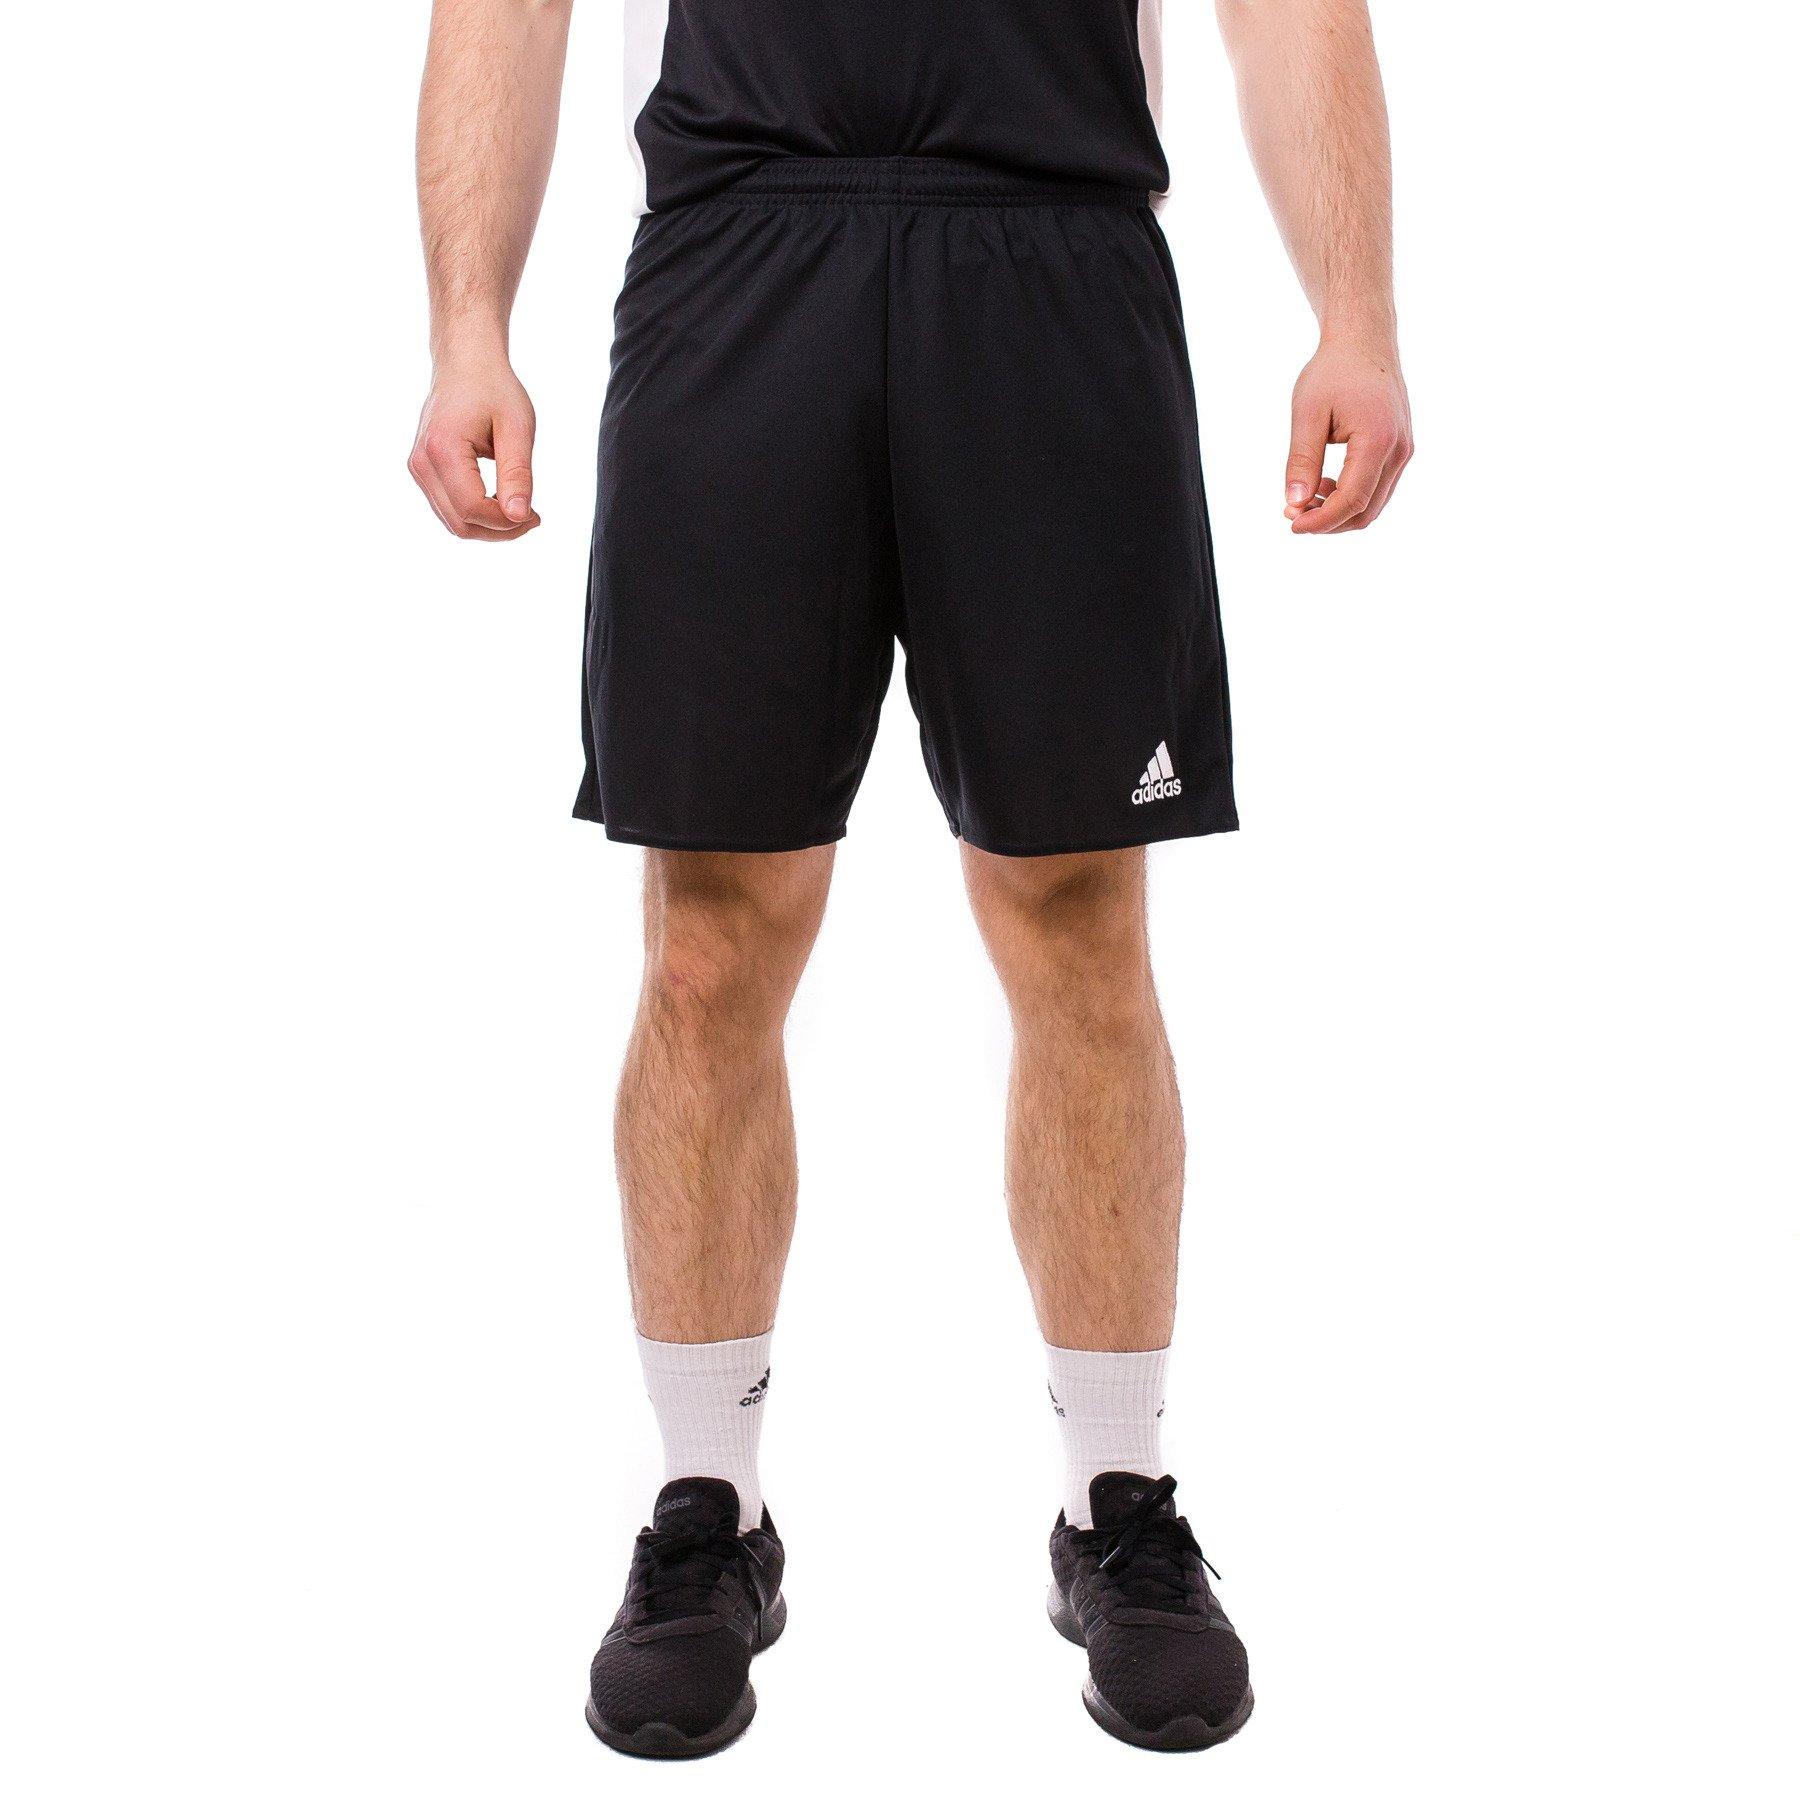 Mężczyźni Adidas Aktiv Szorty Czarny, Adidas Na Sprzedaż